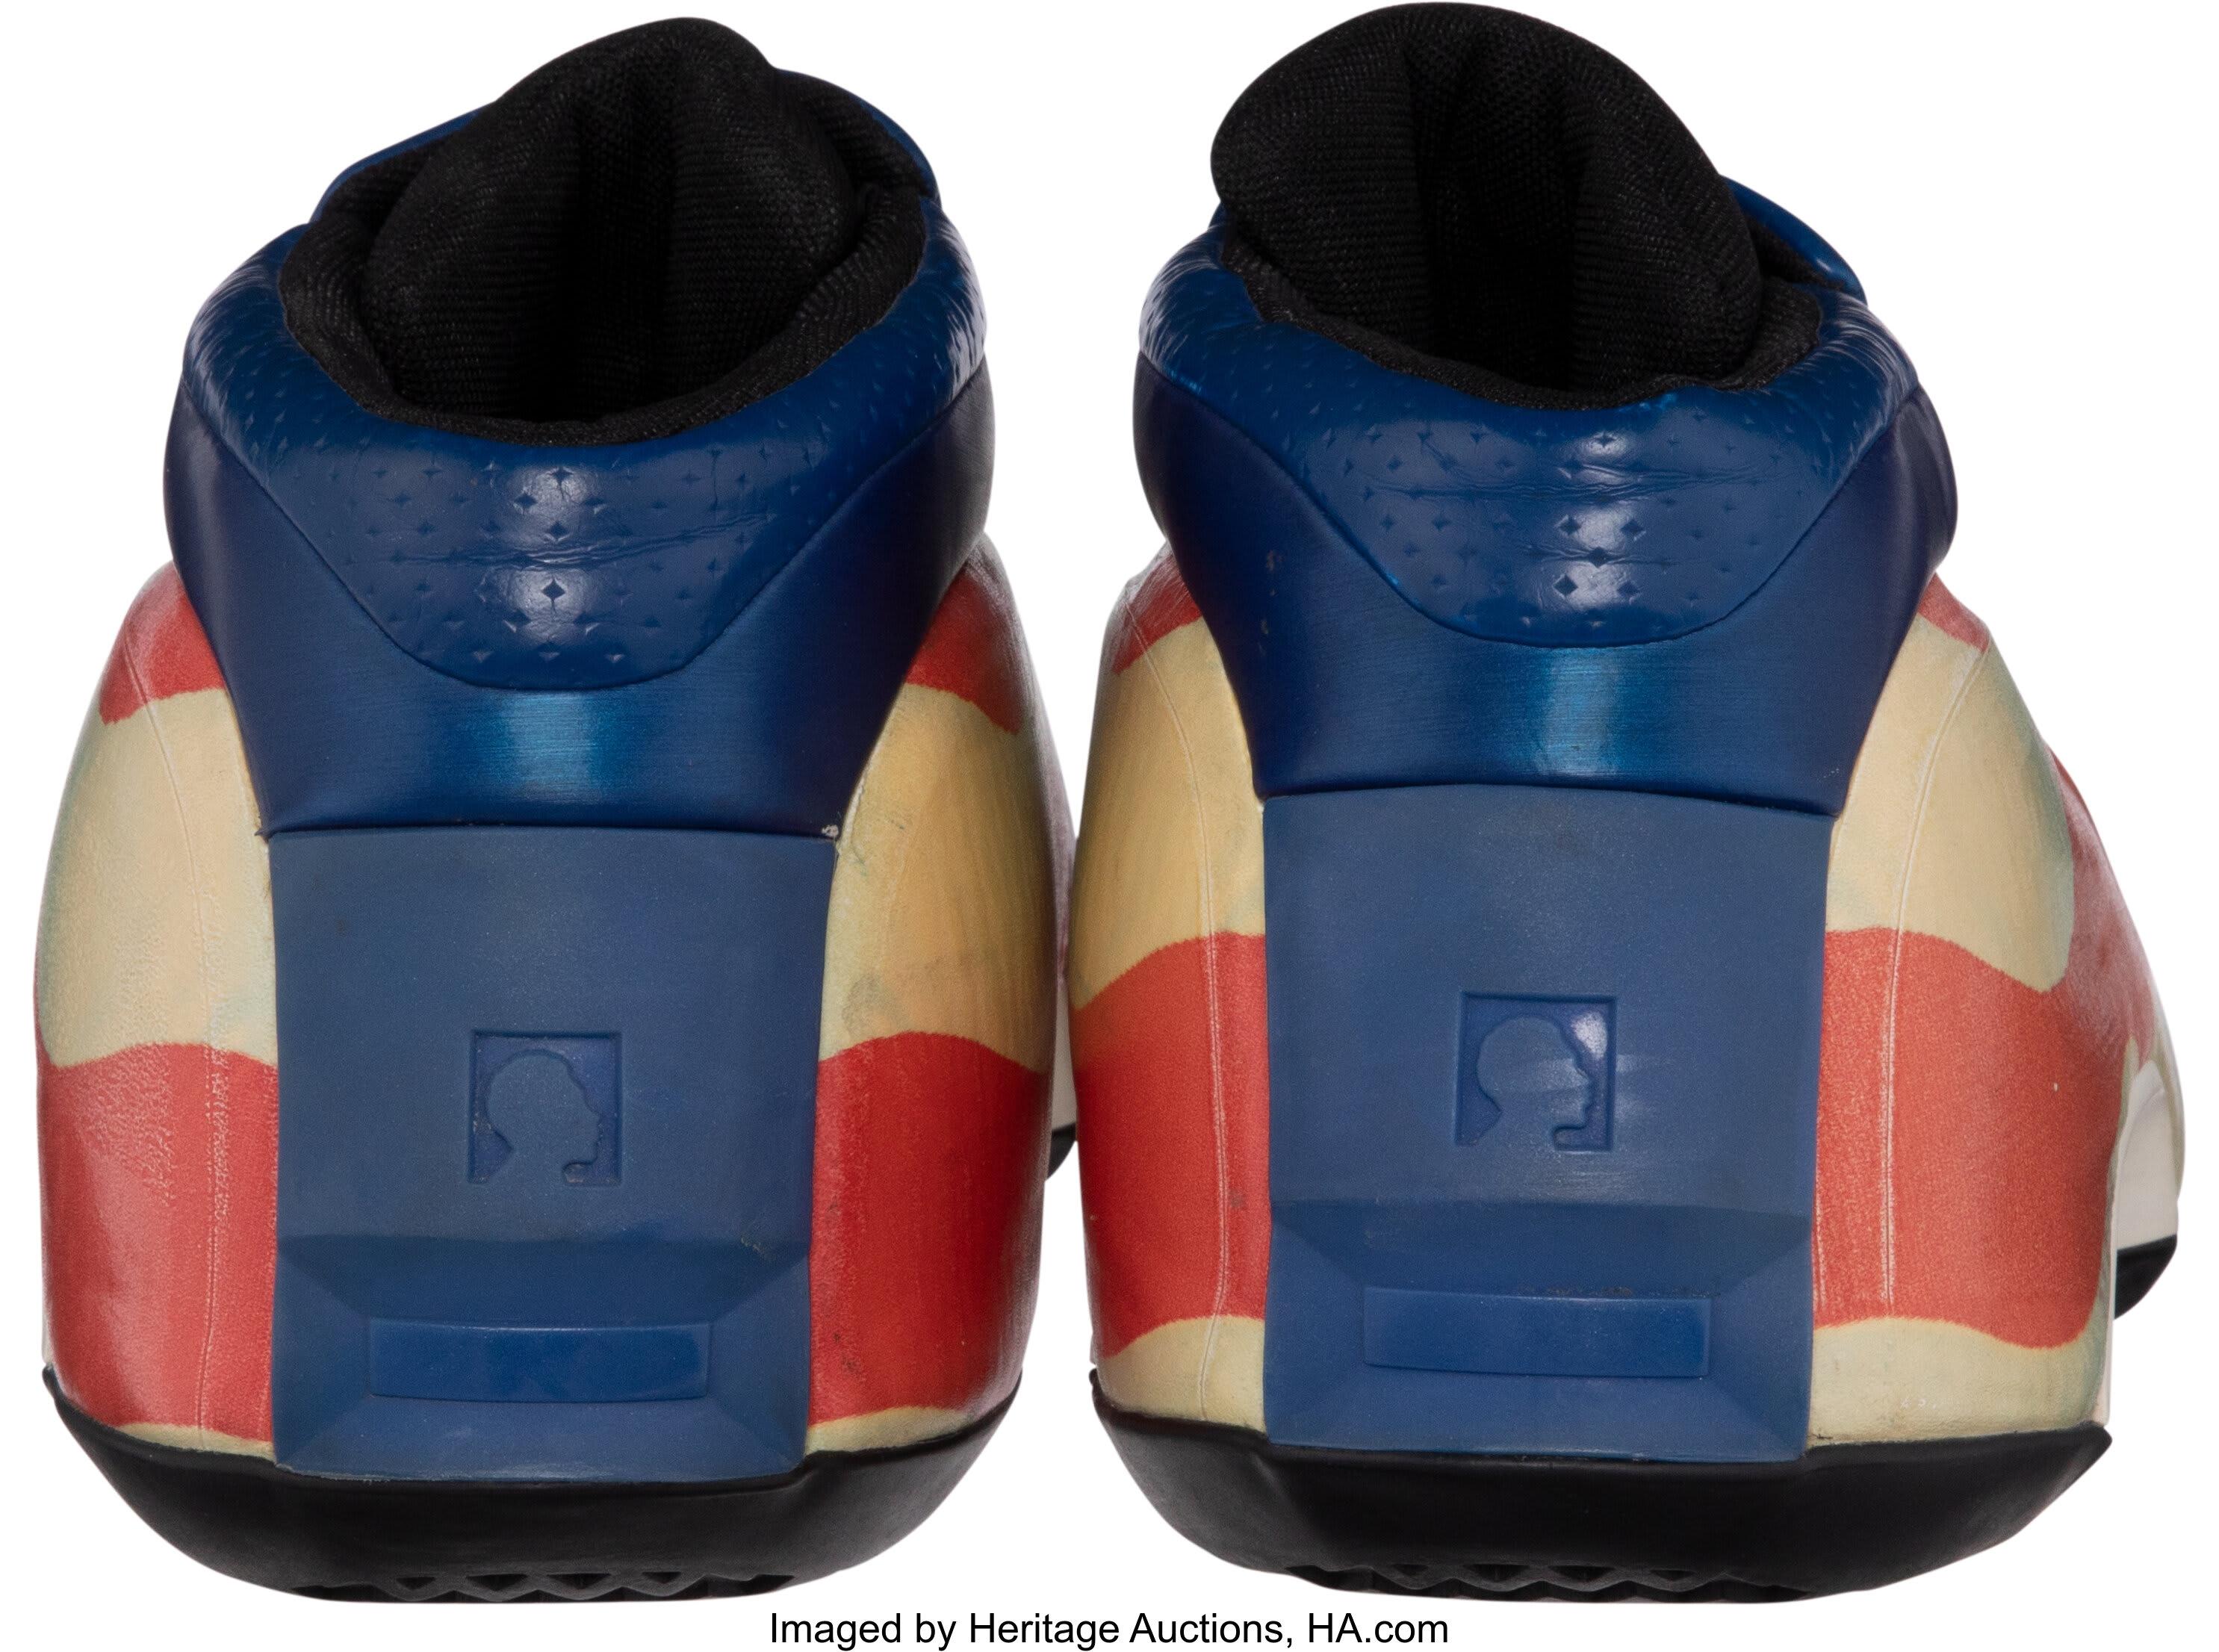 Lebron James Game-Worn Adidas Kobe 2 Heel